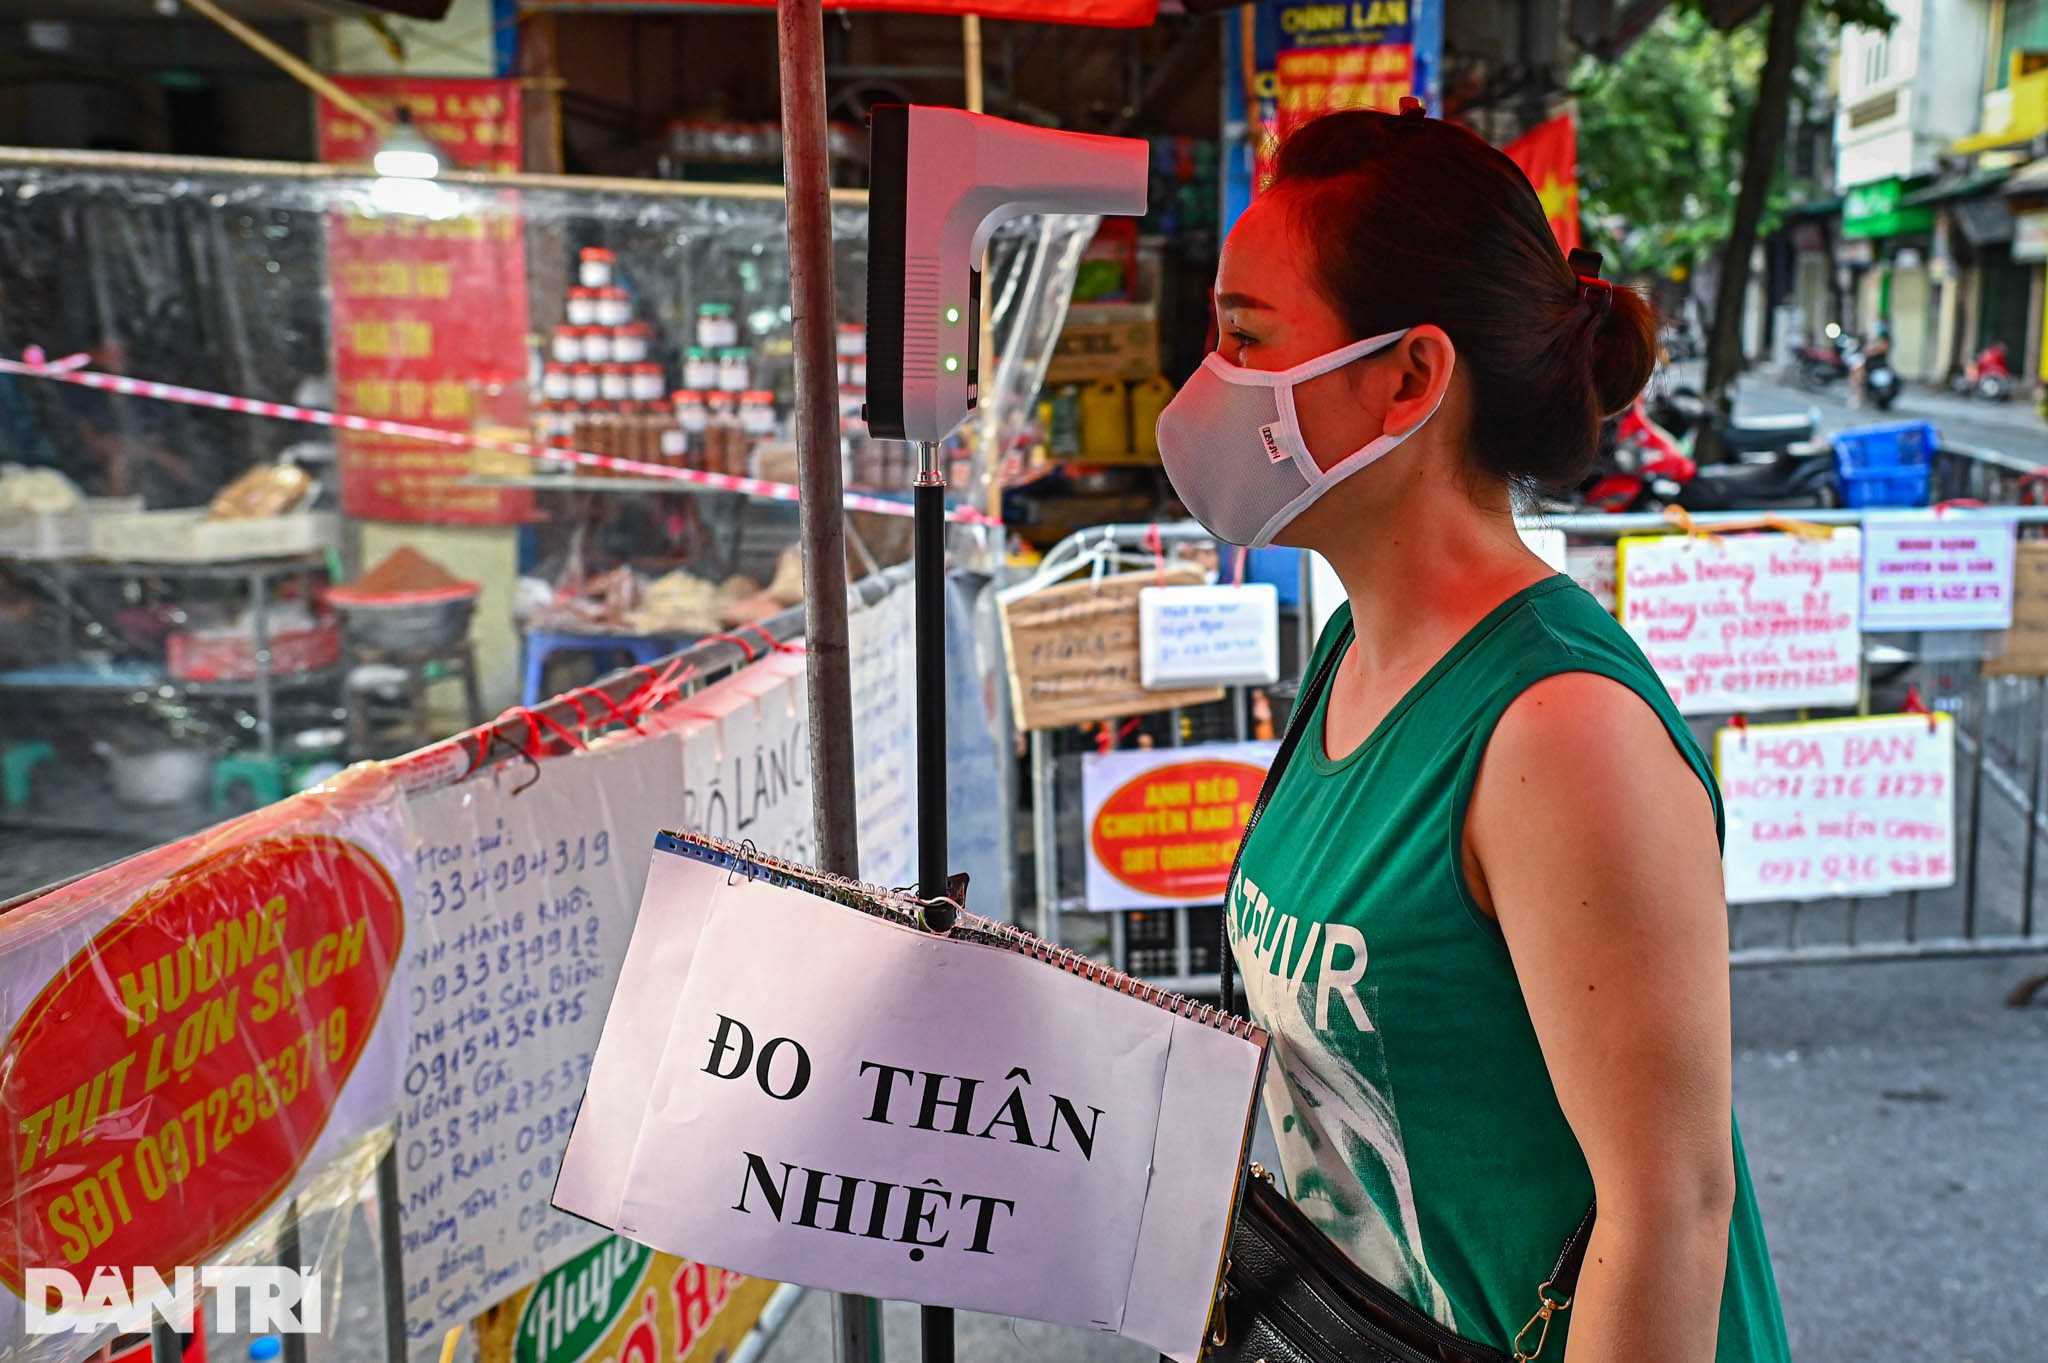 Độc lạ cách bán hàng mùa dịch chưa từng có tại khu chợ nhà giàu Hà Nội - 11